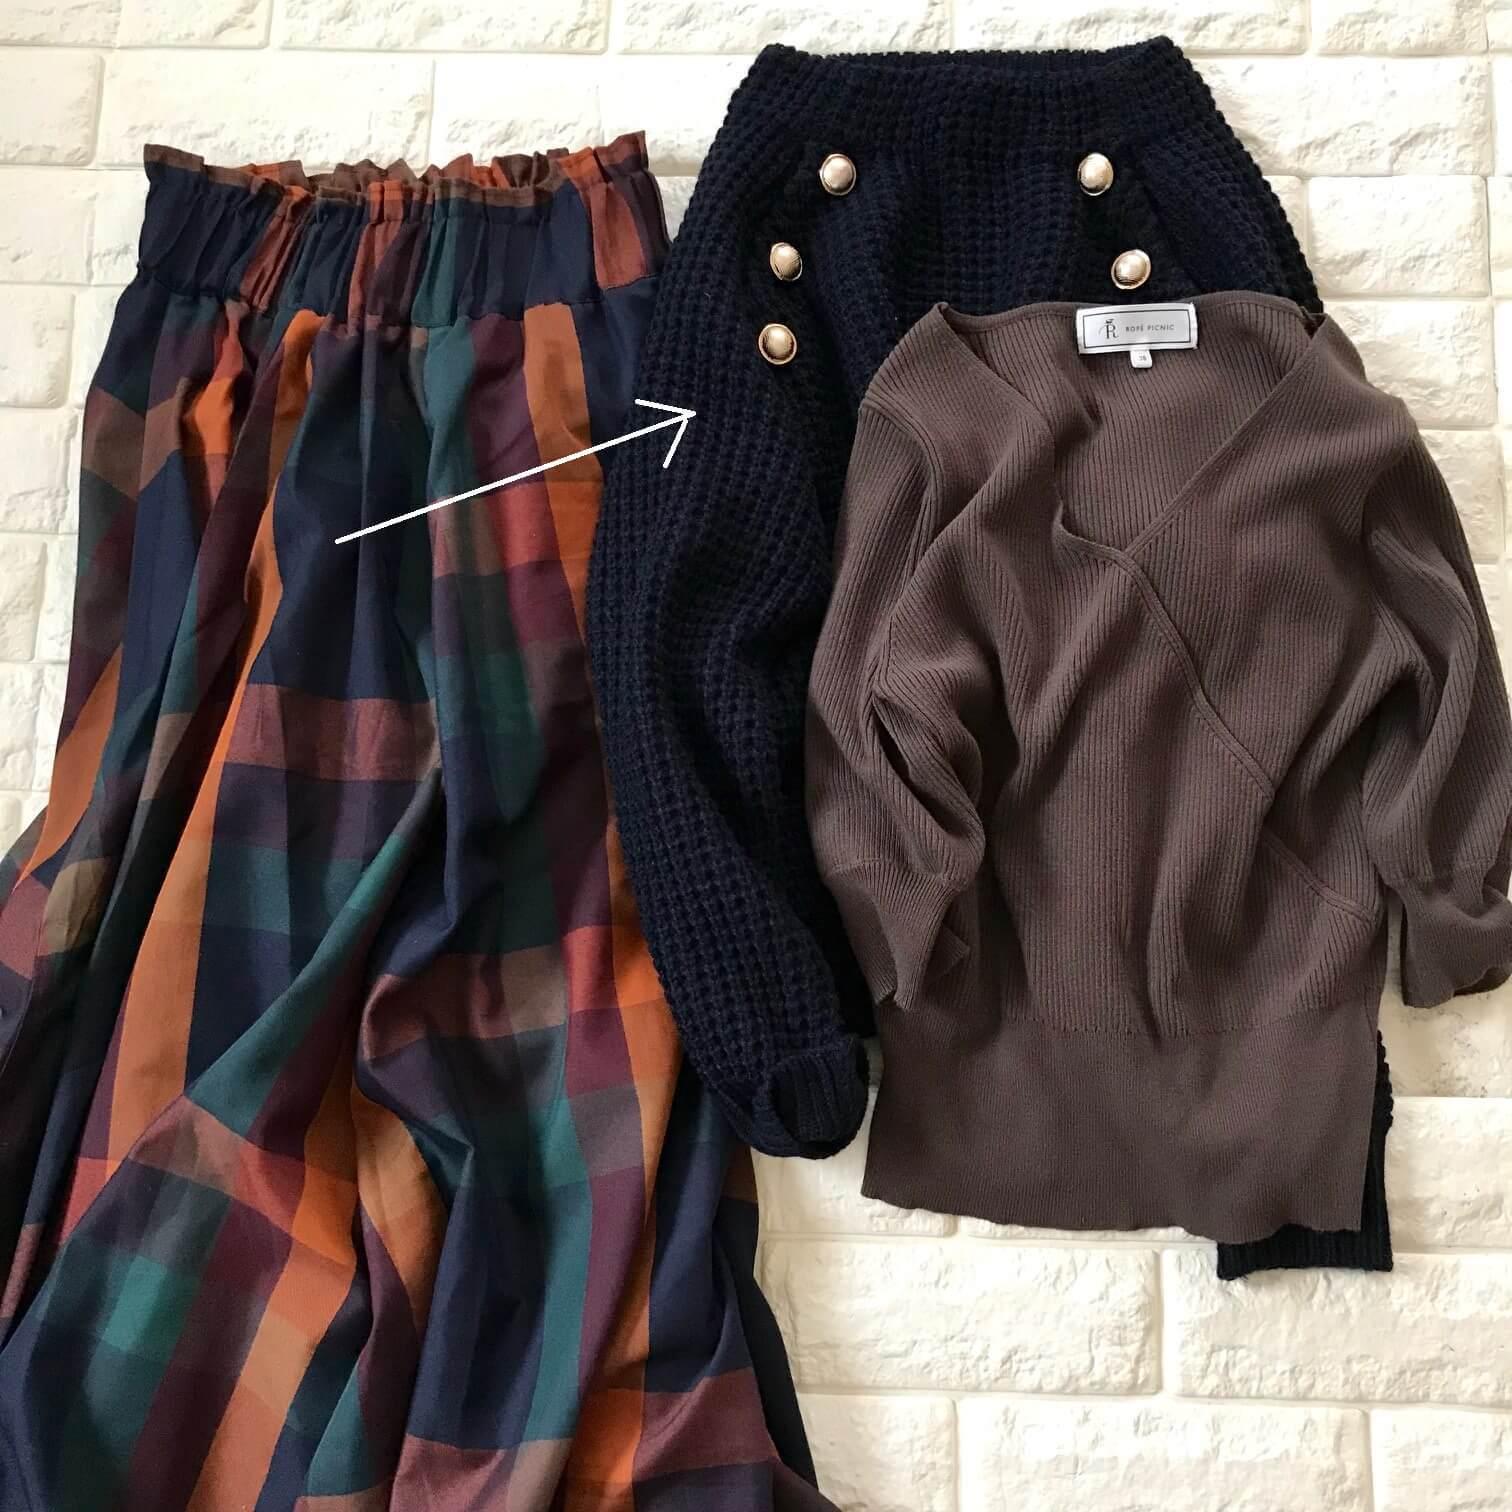 tiptopのチェック柄スカートとニットを合わせた画像